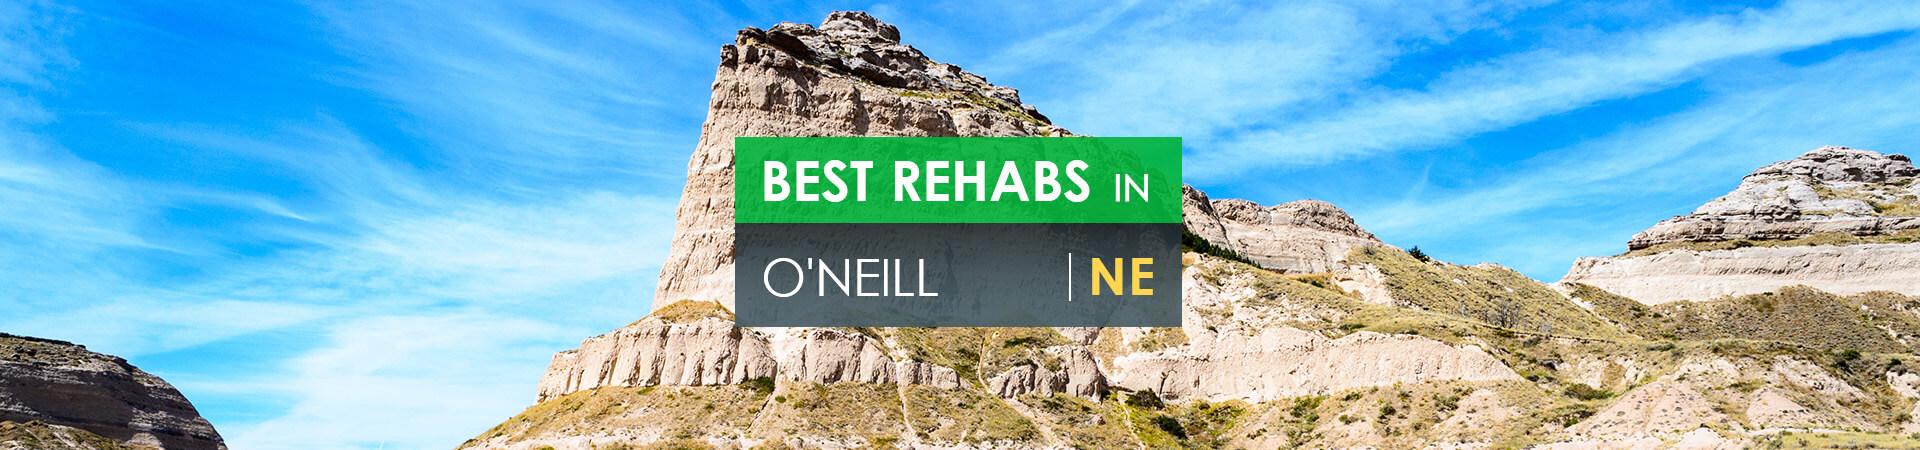 Best rehabs in O'neill, NE